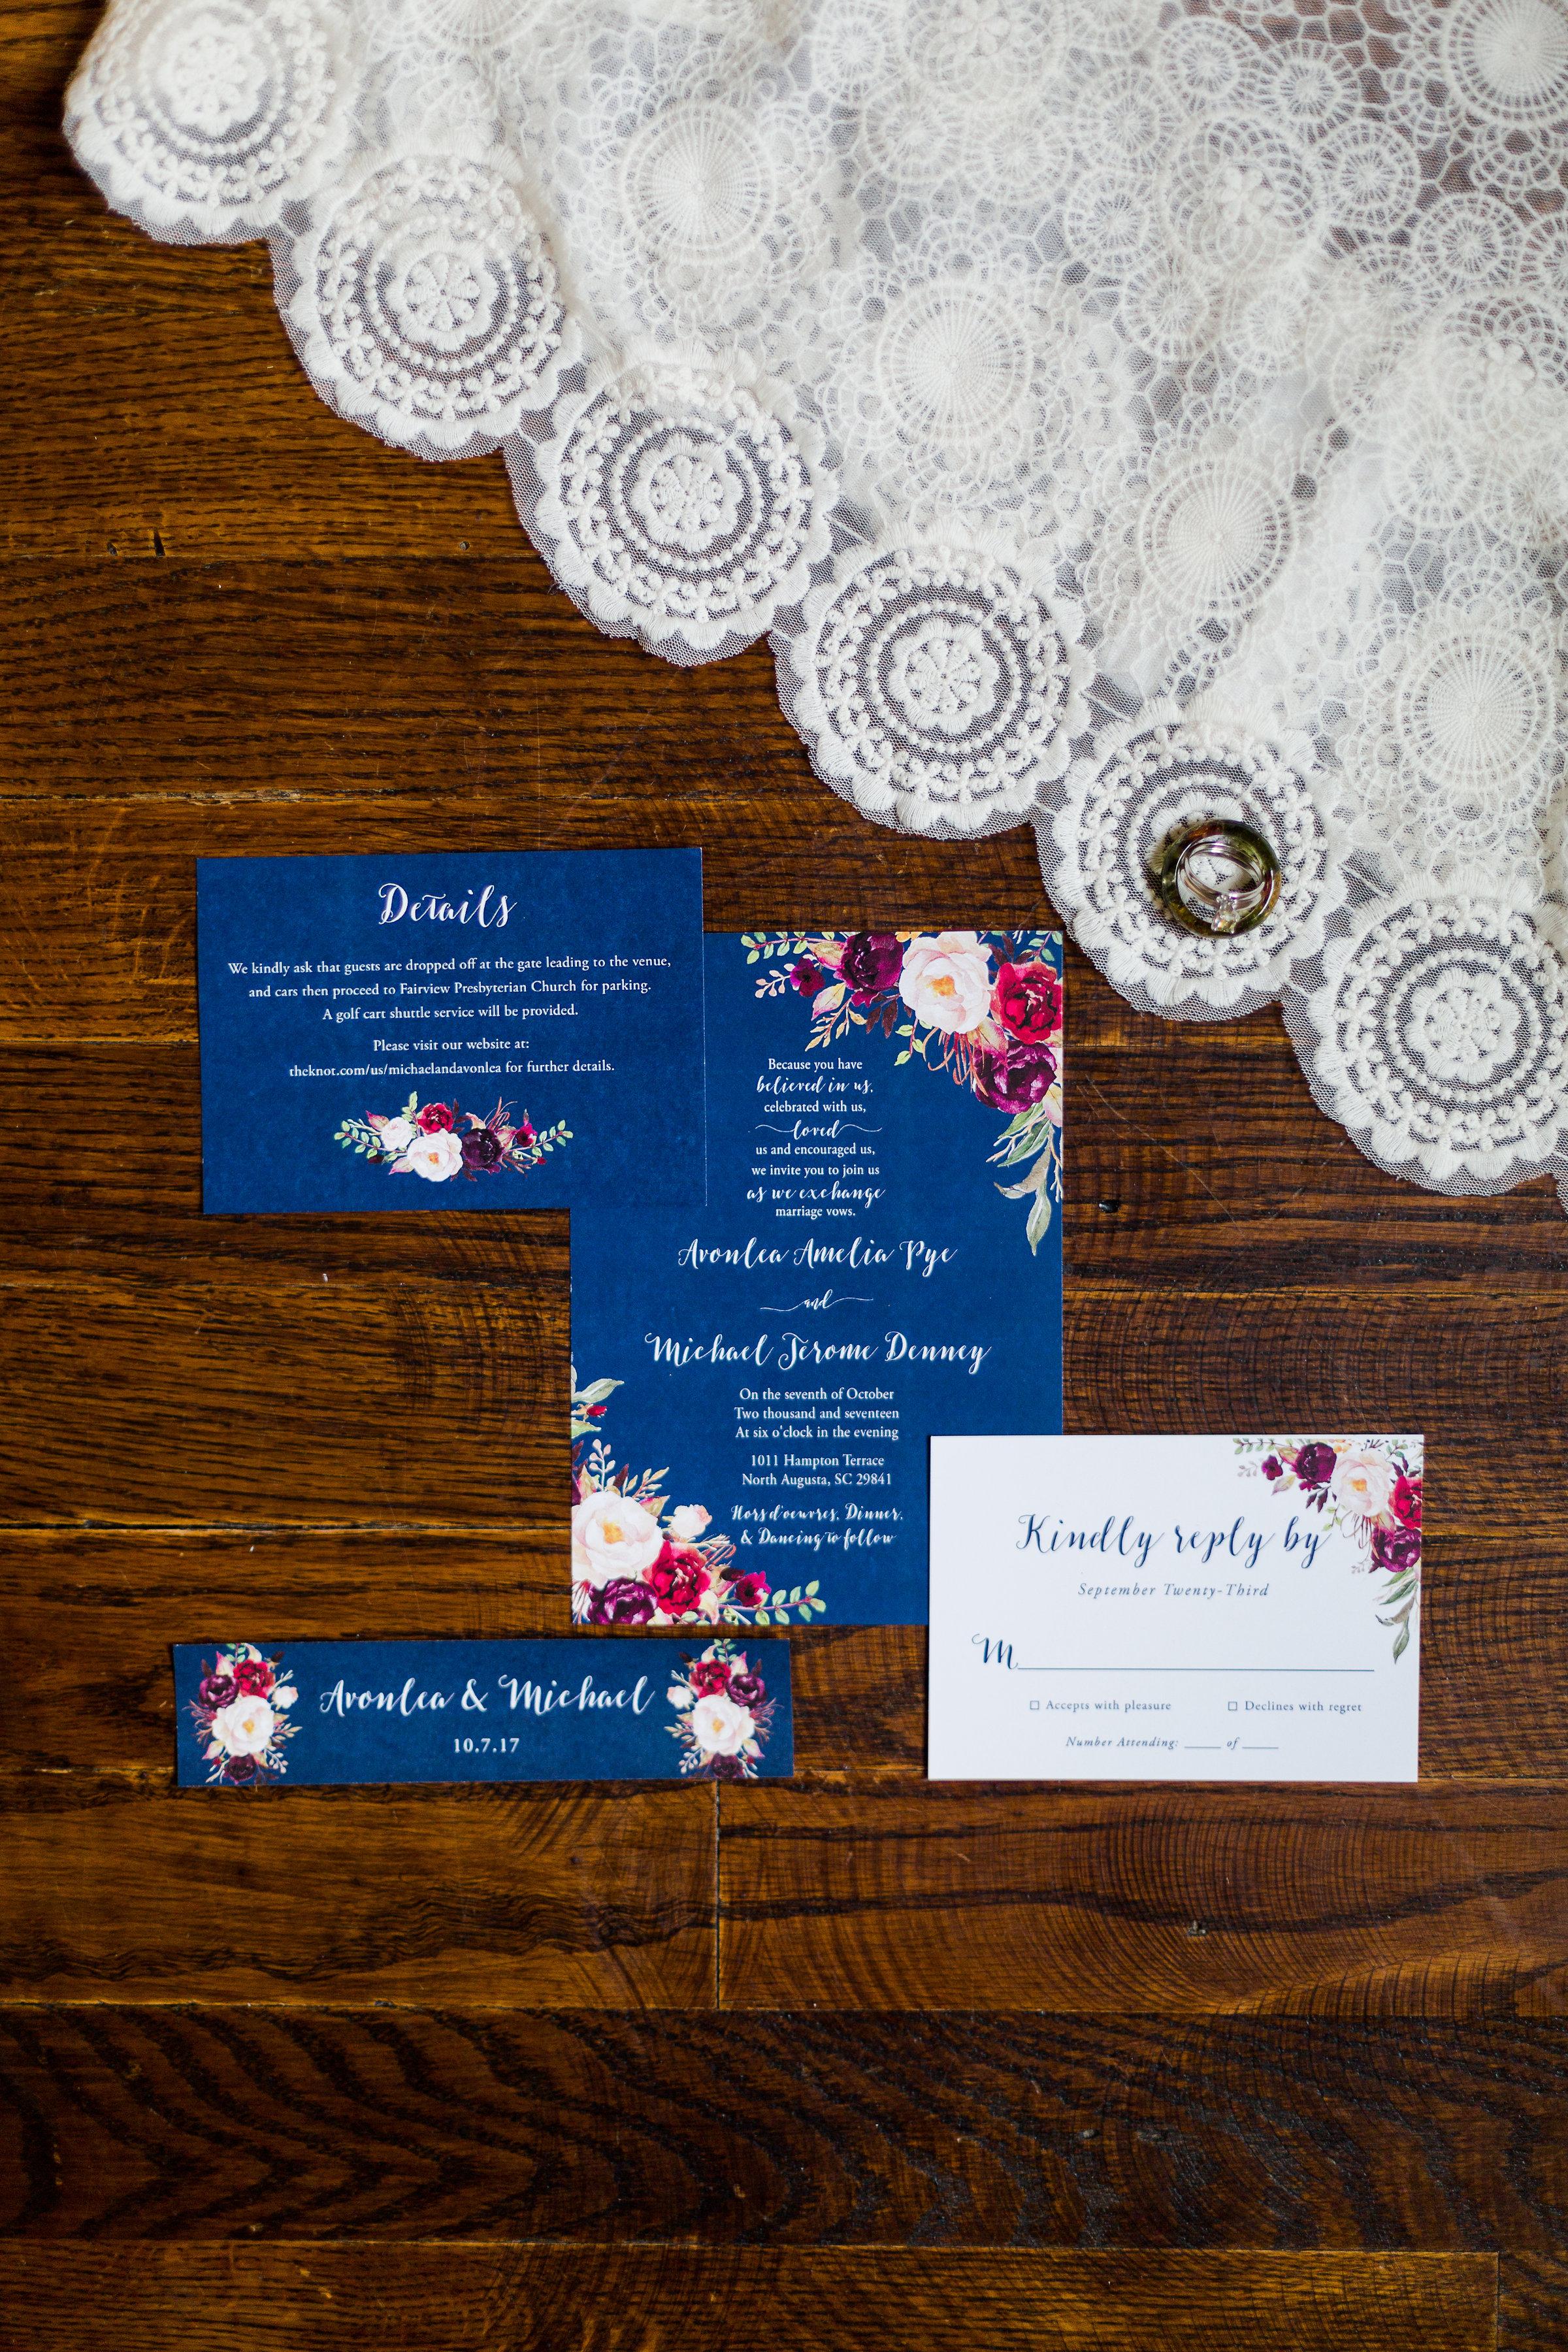 AM_Denney_Wedding_October_2017_031.jpg